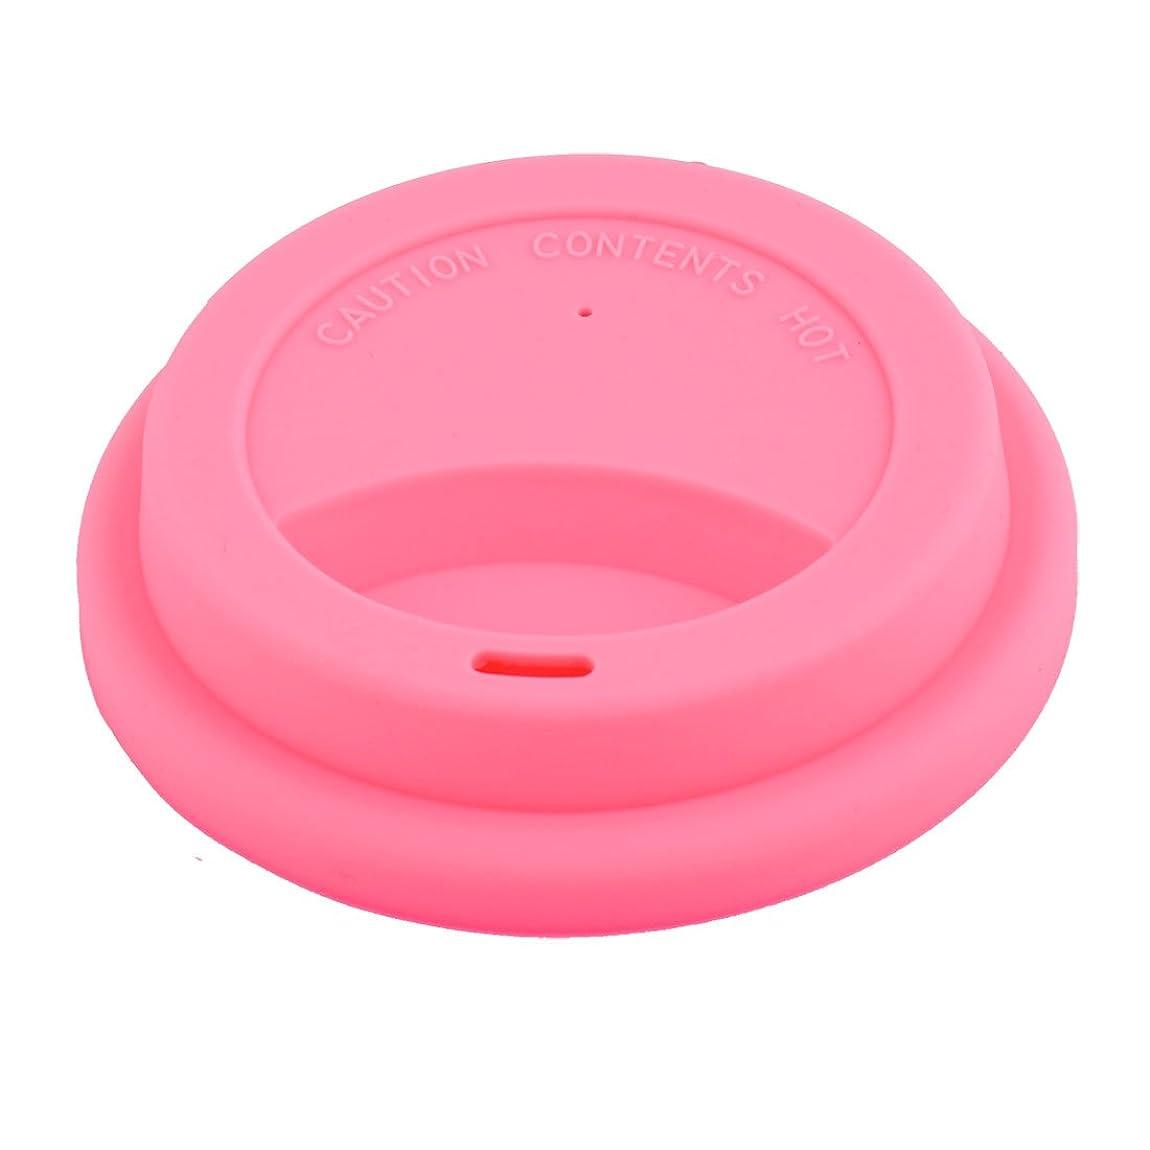 休眠宇宙のタクトuxcell リッド カバー 家庭用 カフェ シリコン 再利用可能 ドリンク 水 ティー コーヒー マグ カップ ピンク